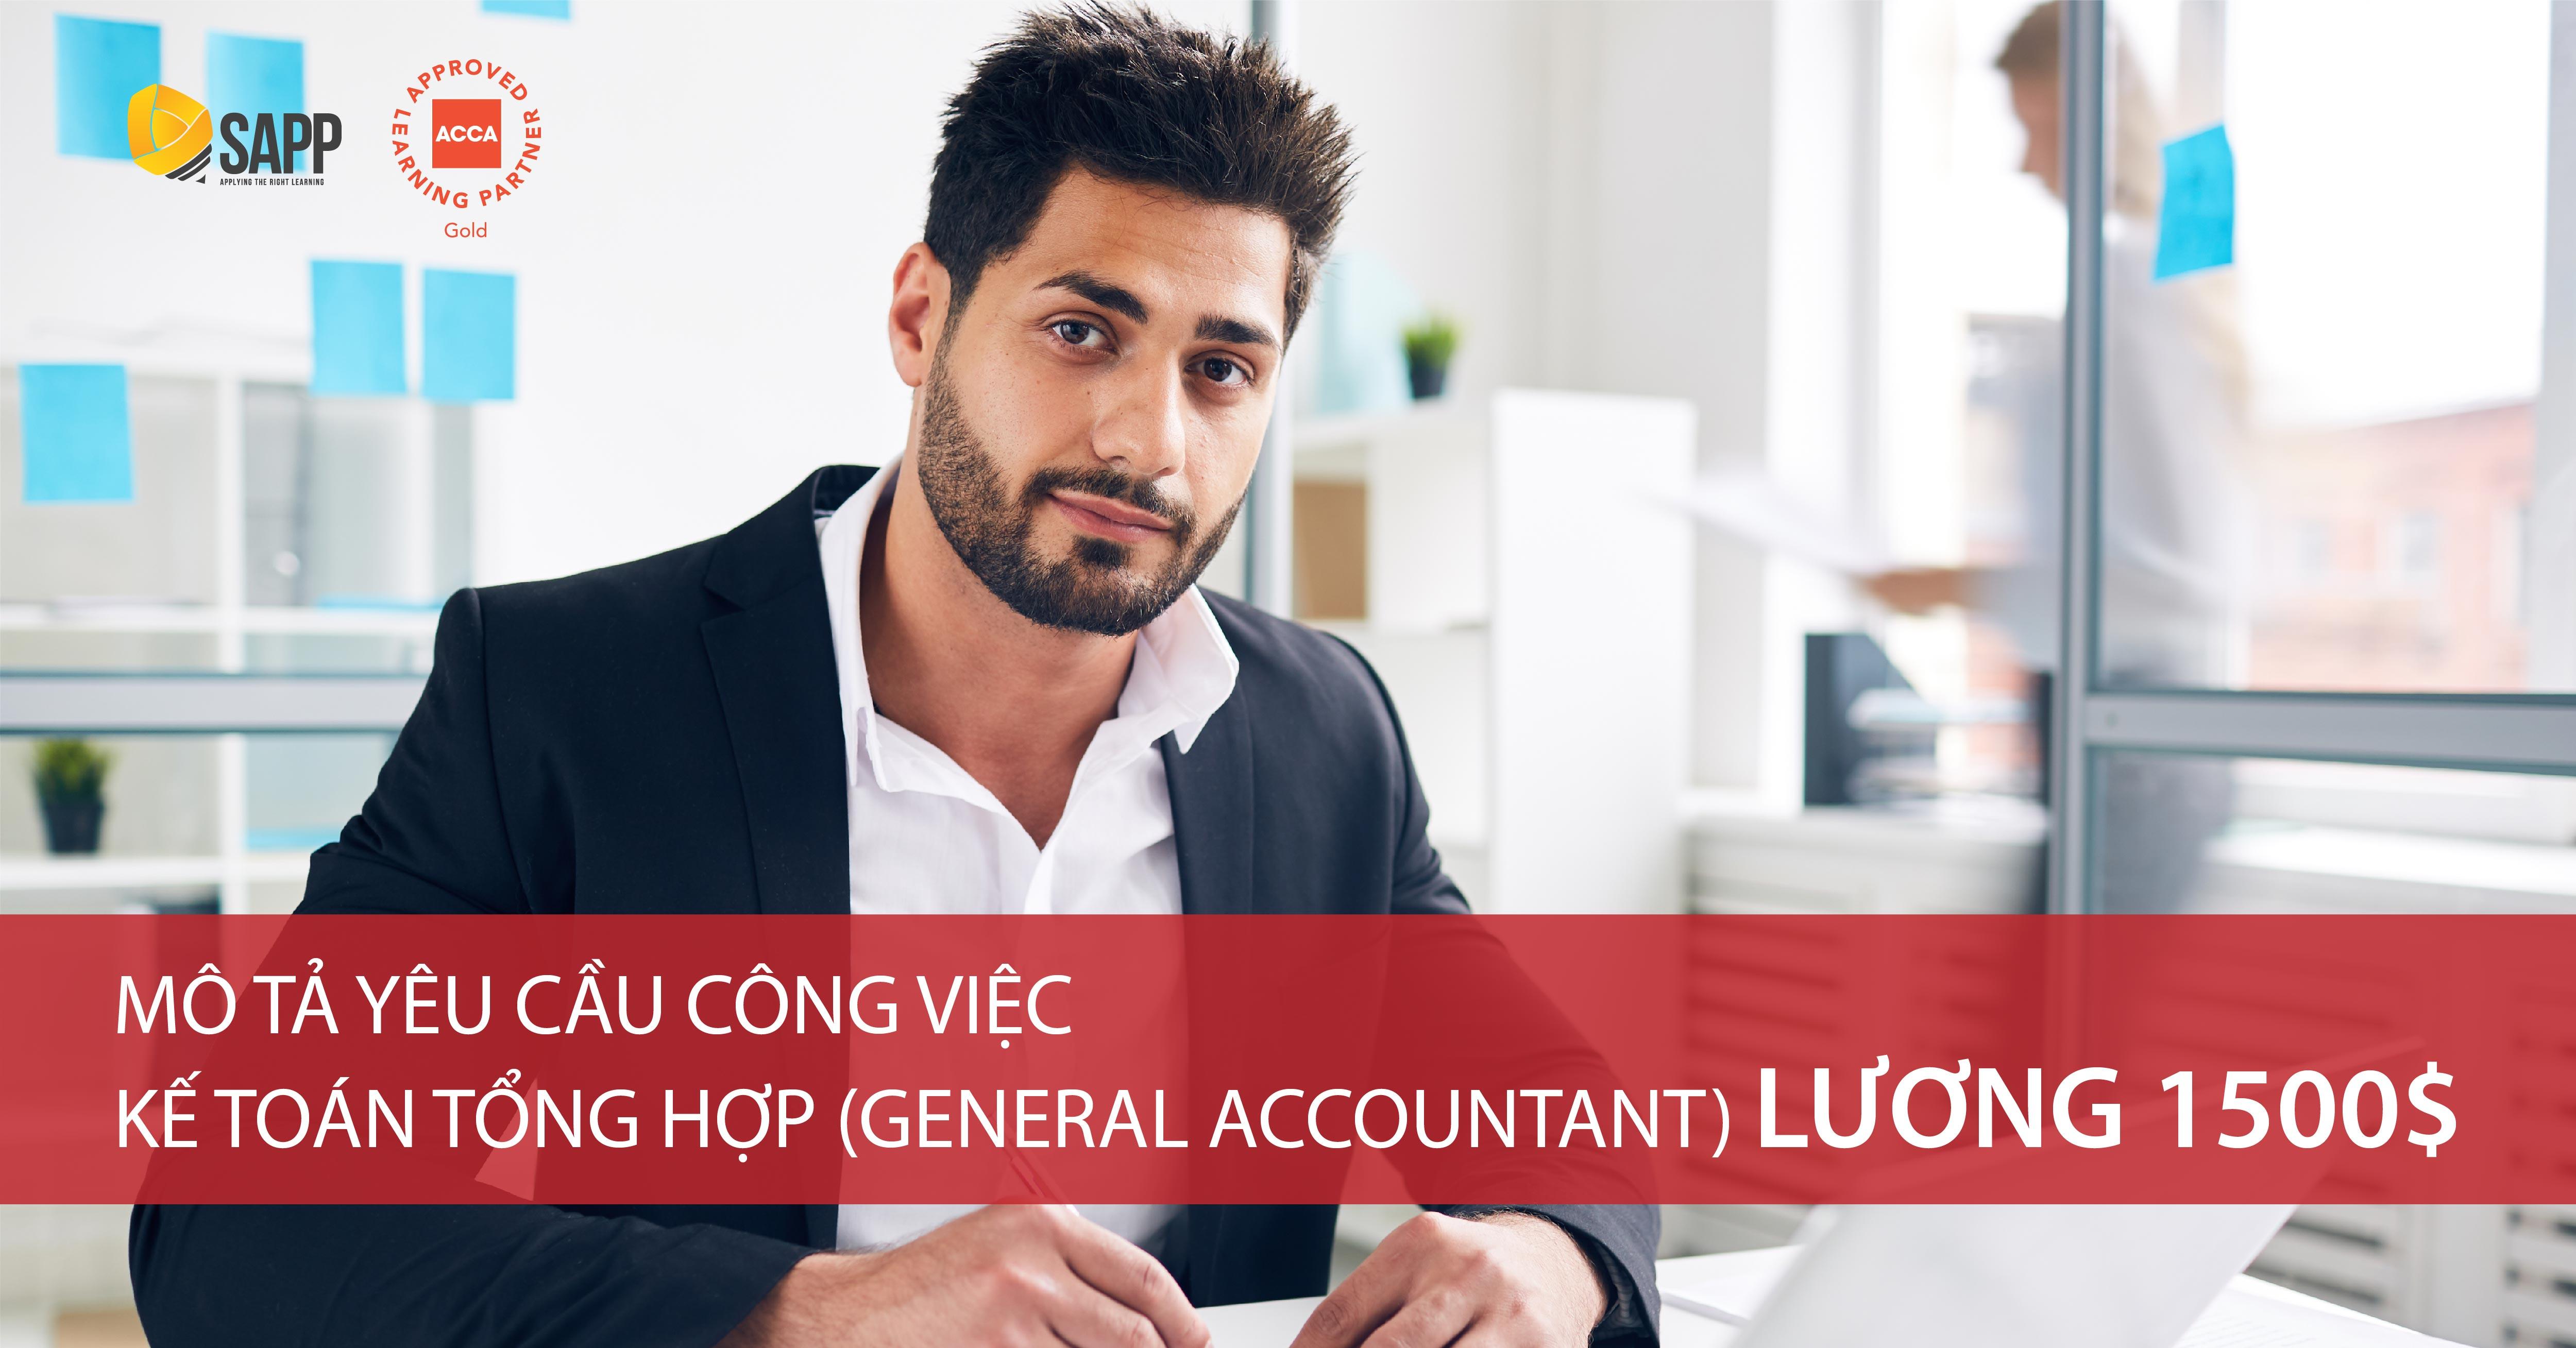 Mô tả yêu cầu công việc kế toán tổng hợp (General Accountant) lương 1500$